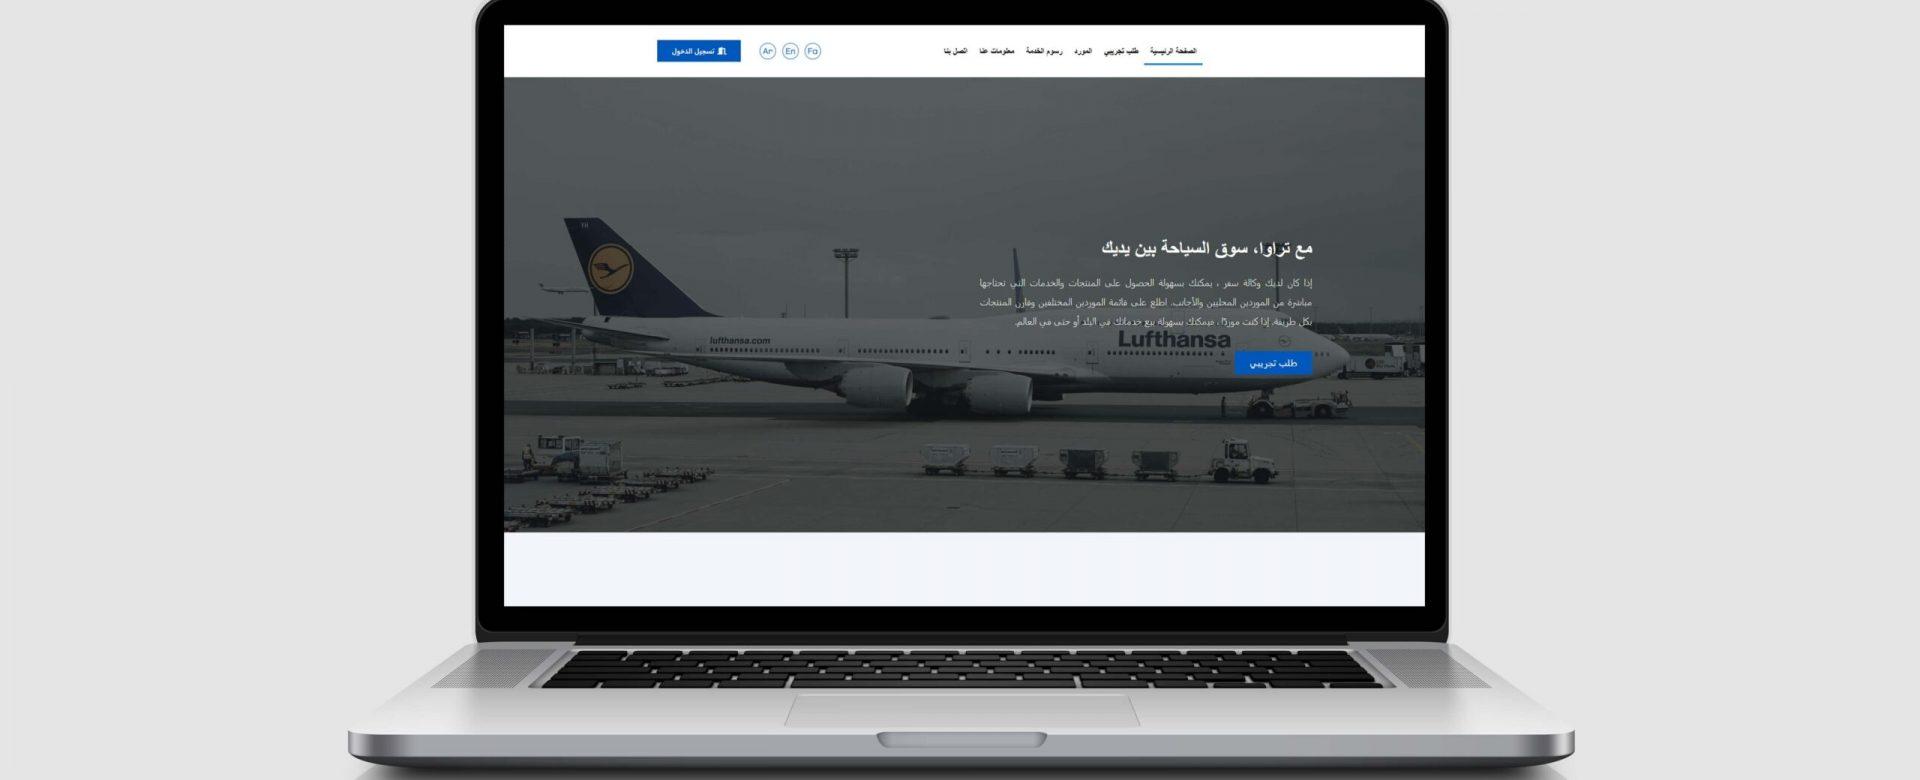 نمونه طراحی سایت توسط آژانس برندسازی ذن zen branding agency (12)